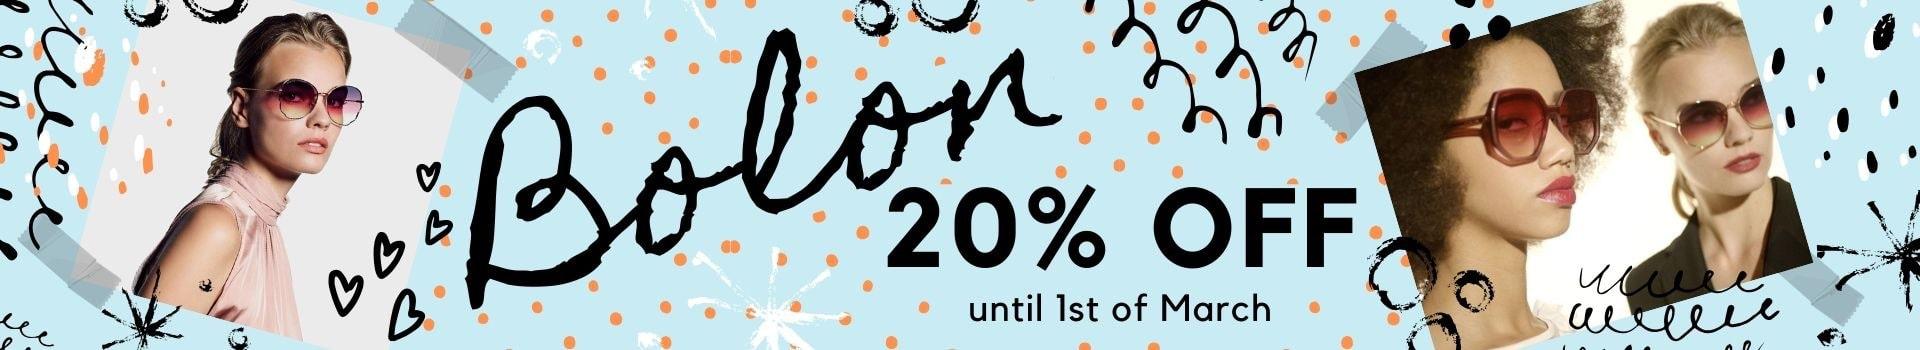 Promozione bolon -20%